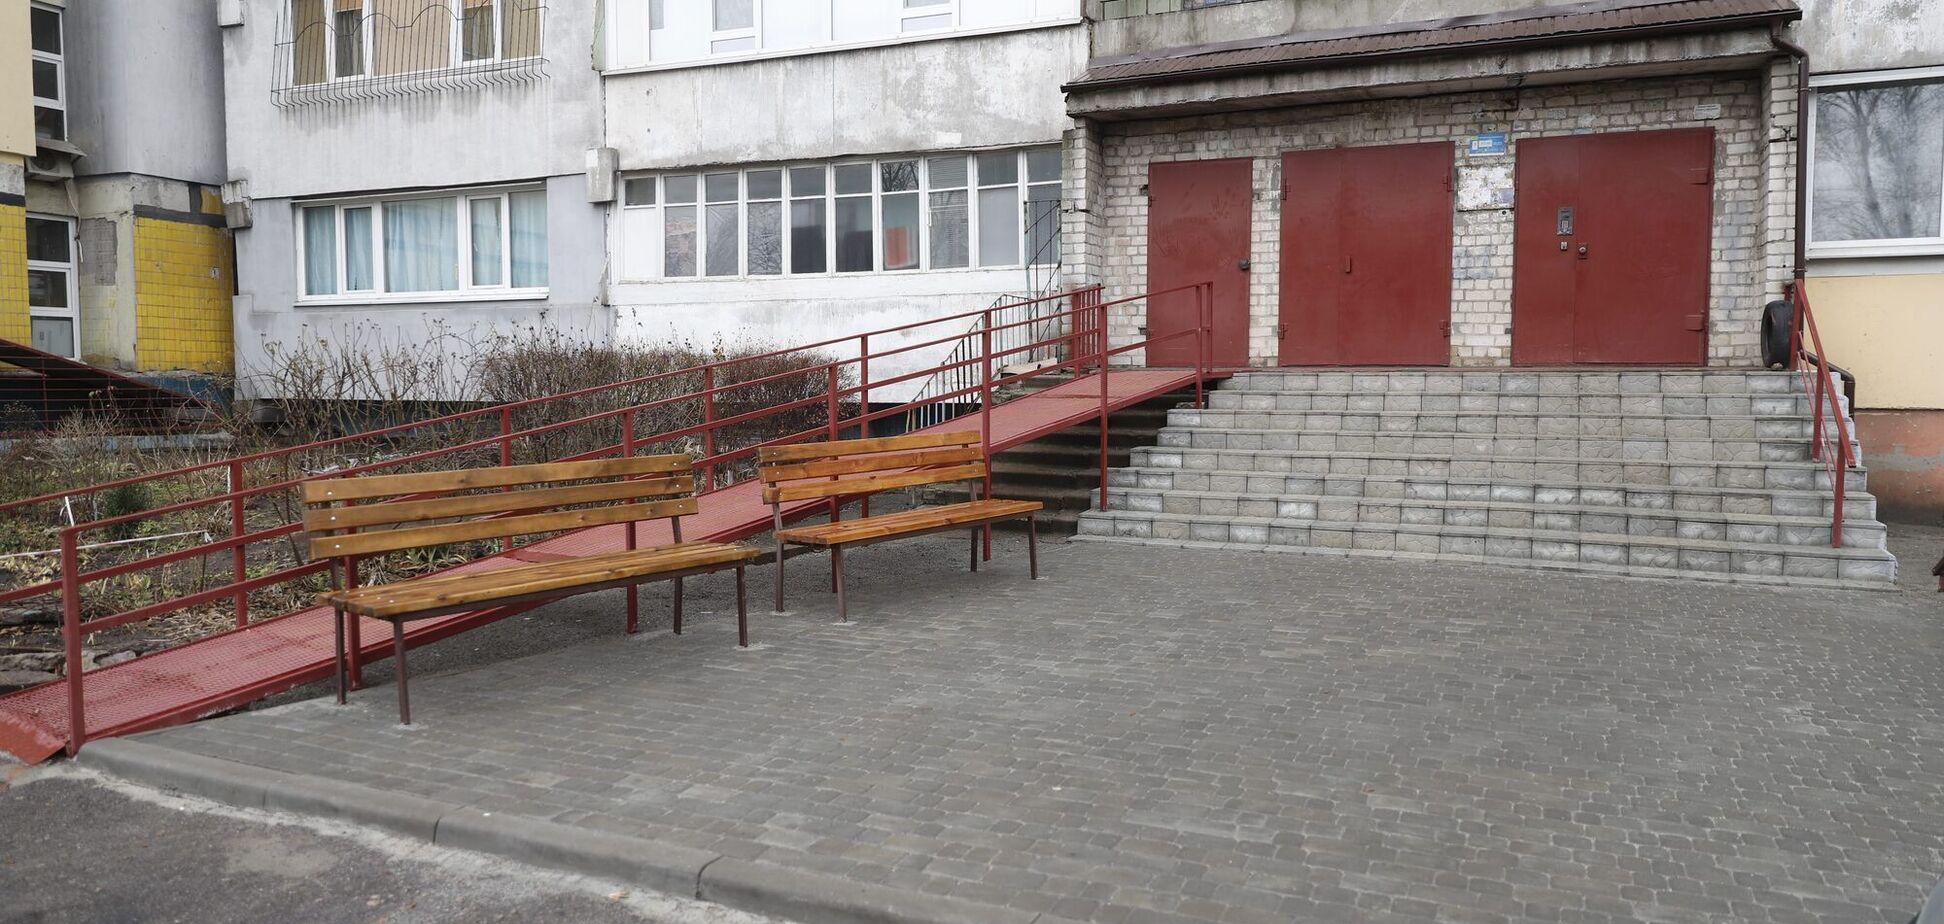 В Днепре городской совет финансово поддерживает ОСМД/ЖСК в рамках муниципальных программ